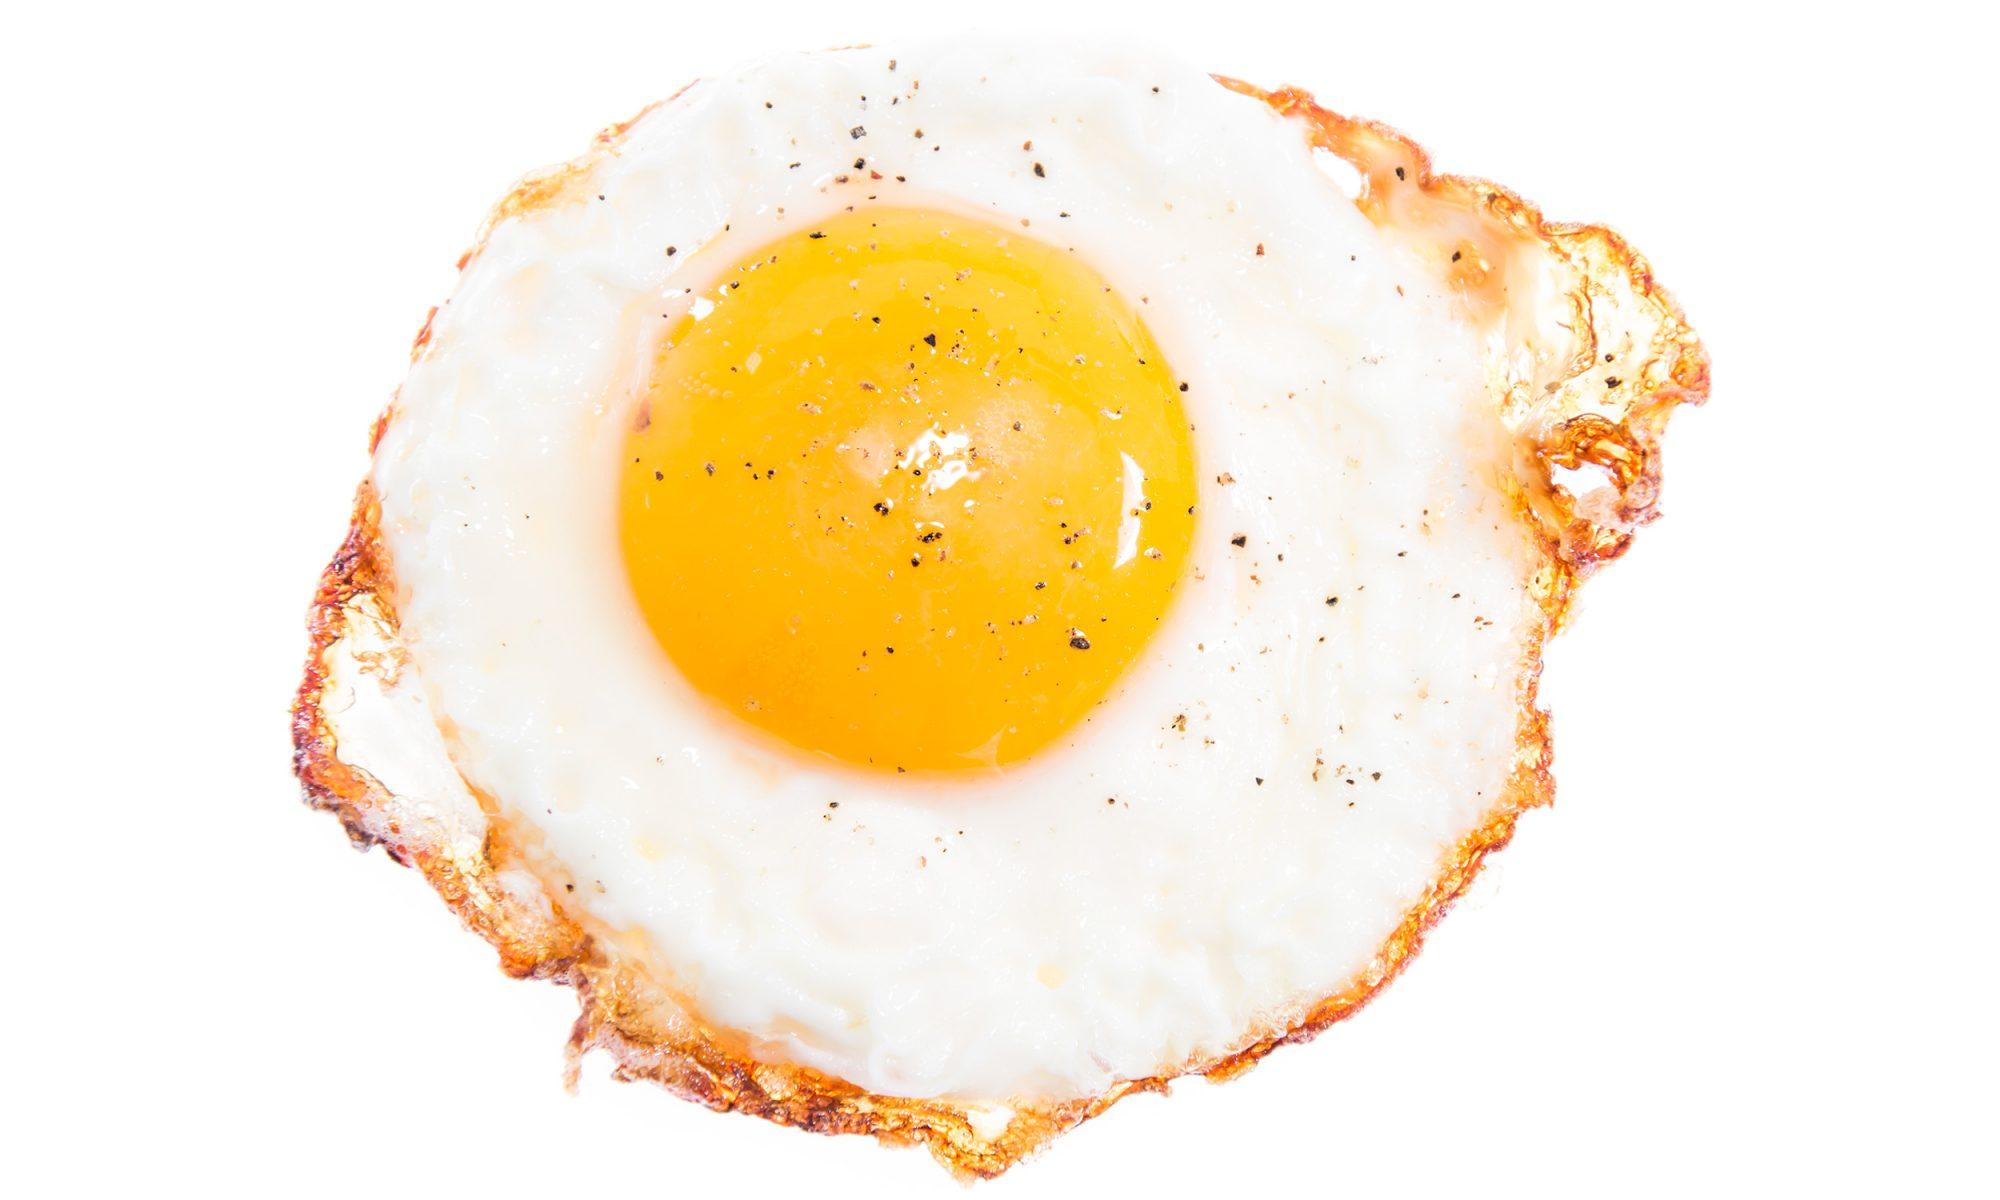 EC: The Best Oil for Frying Eggs